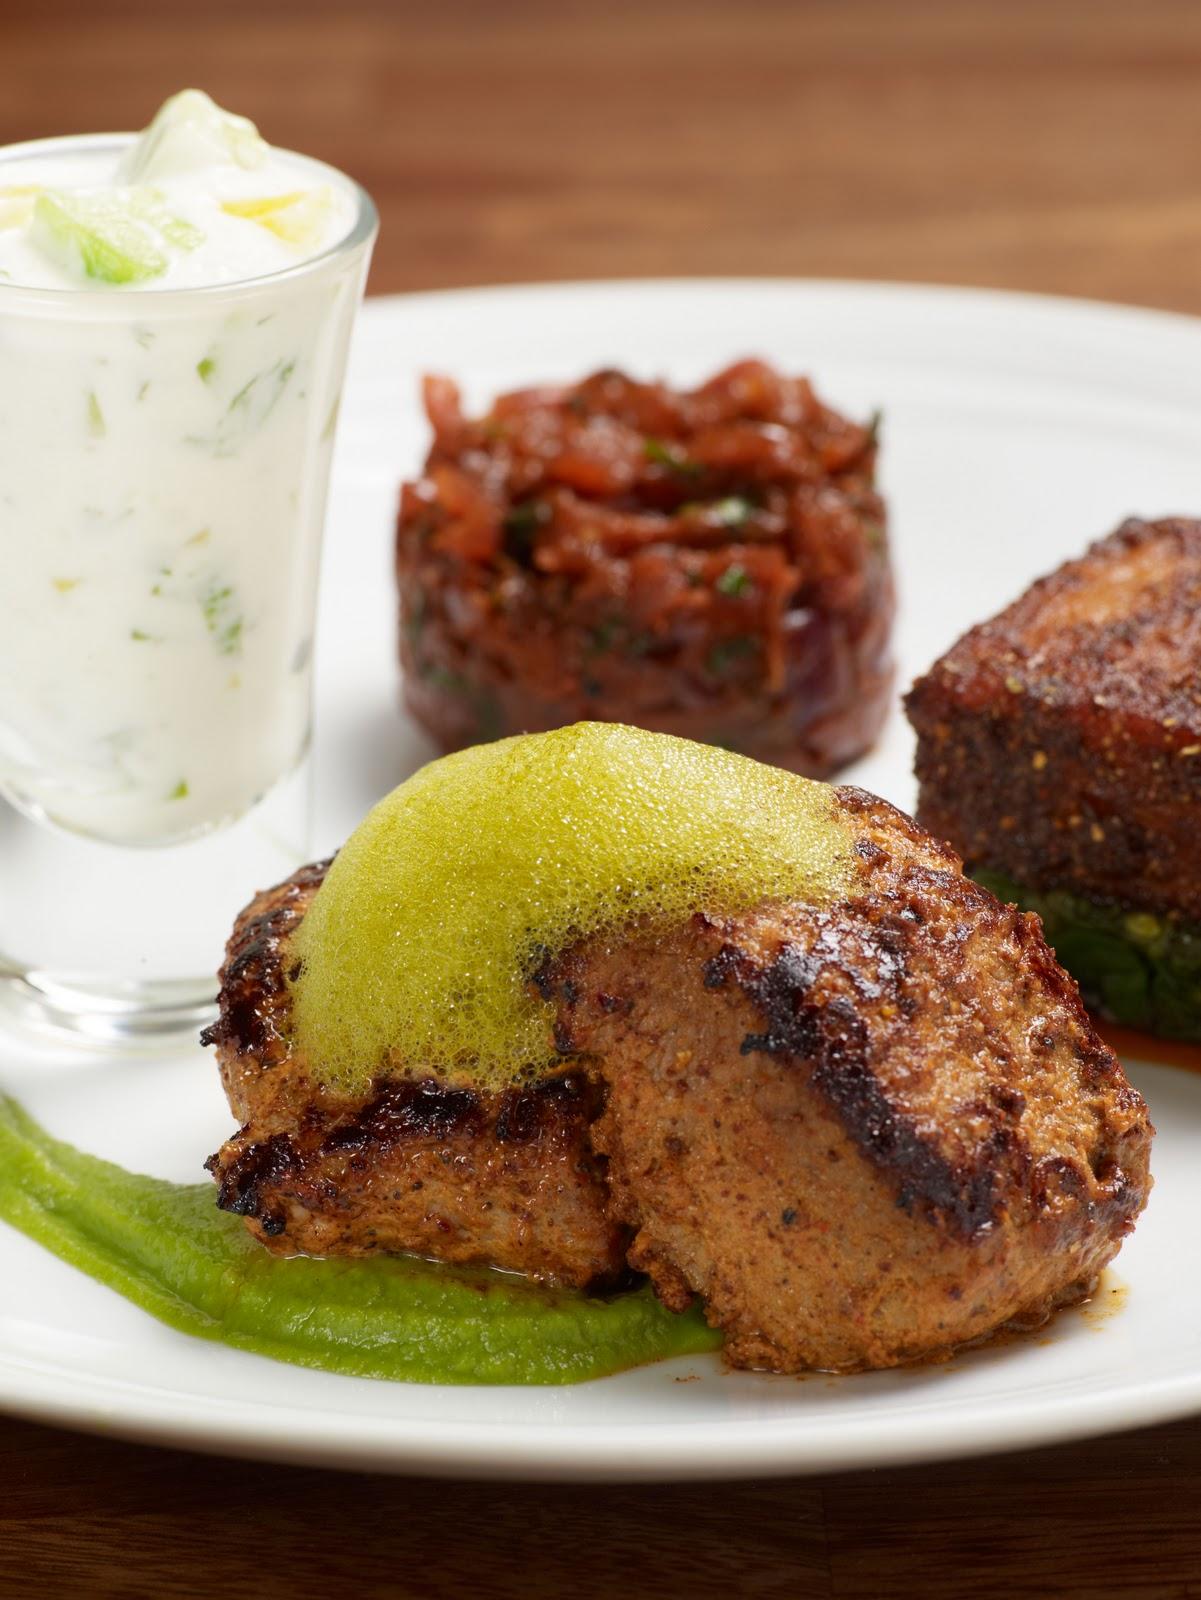 Jonathon davies britain 39 s best dish winner 2010 lecithin molecular gastronomy - Molecular gastronomy cuisine ...